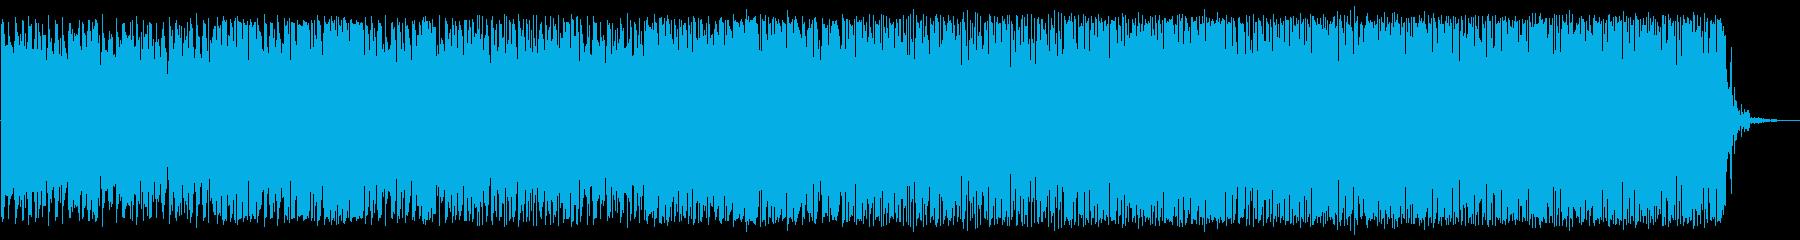 未来感ある オーケストラ+テクノの再生済みの波形